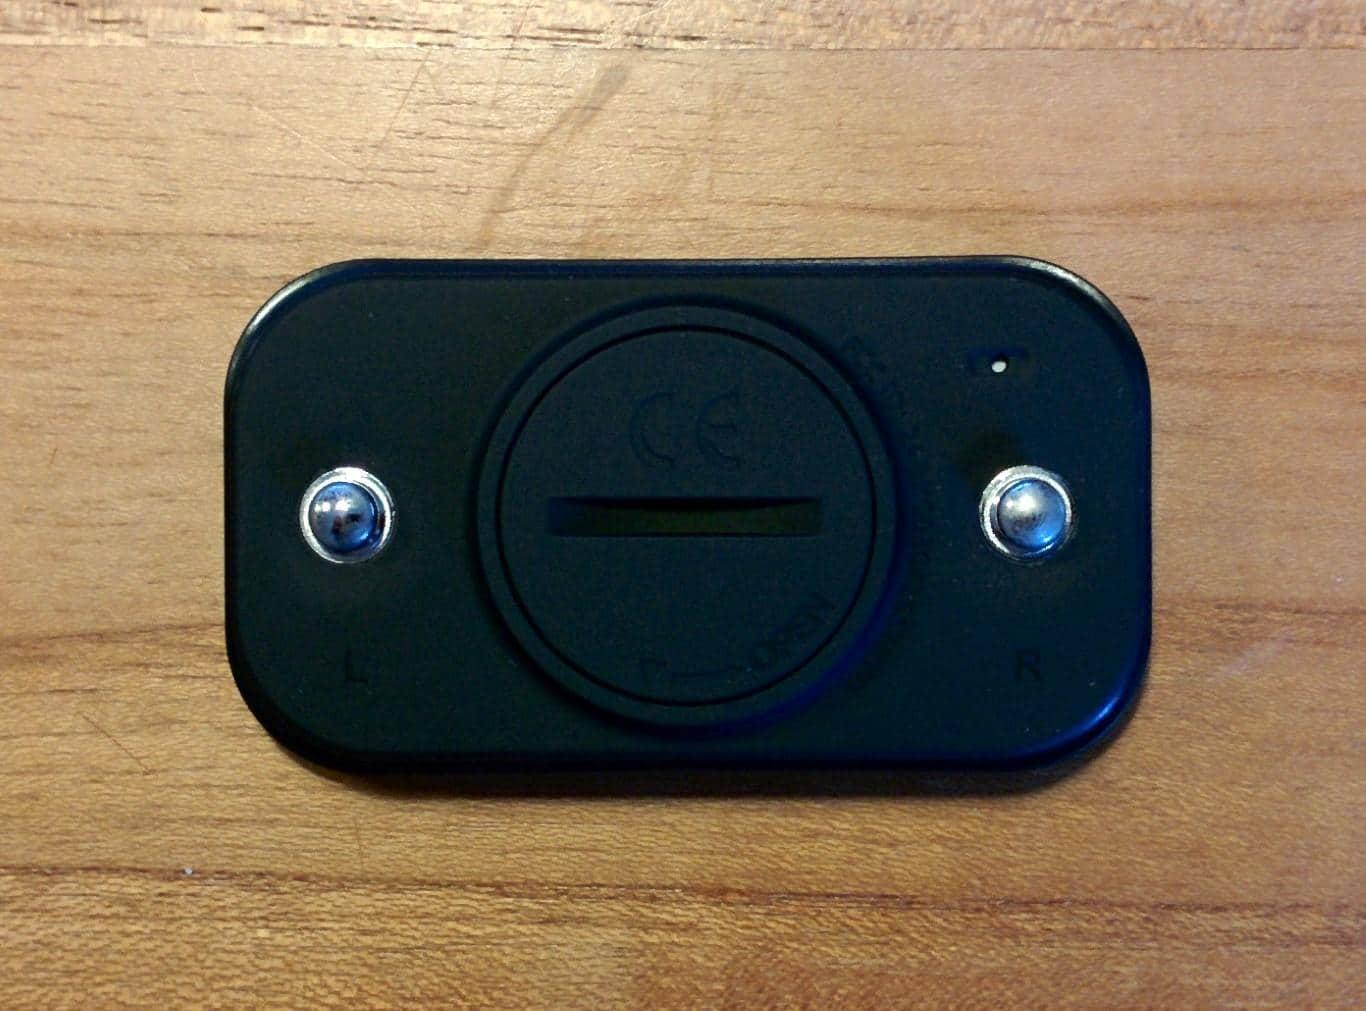 Rückseite des STRYD Pioneer Sensors mit Brustgurt-Kontakten und Batteriefach